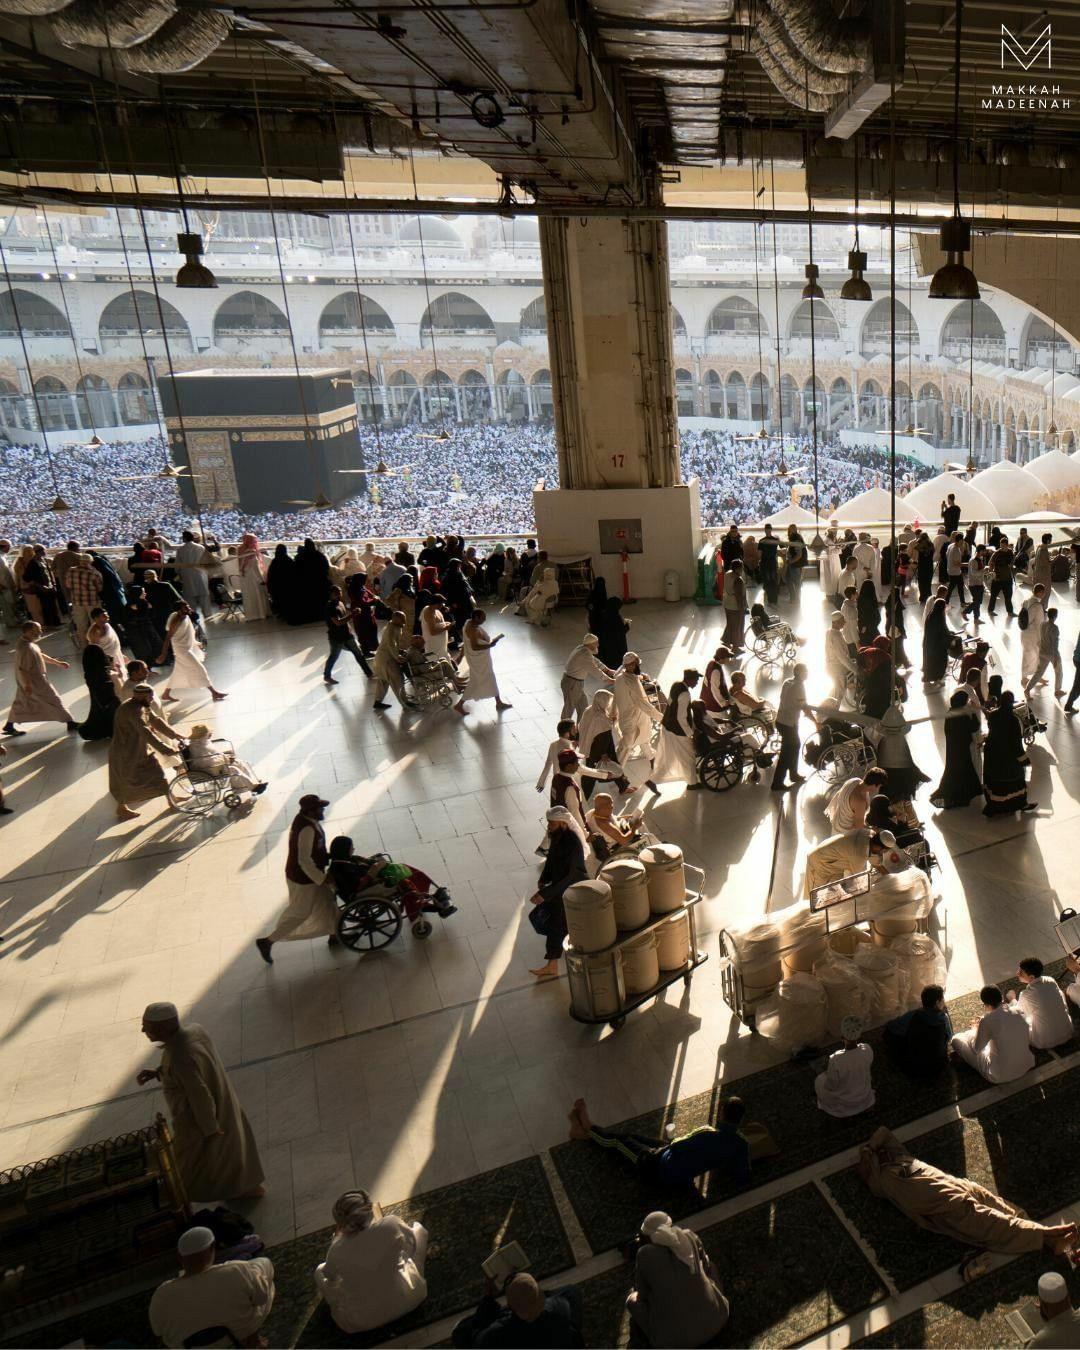 Pin Oleh Marie Di Makkah Madeenah مكة مدينة Di 2020 Mekah